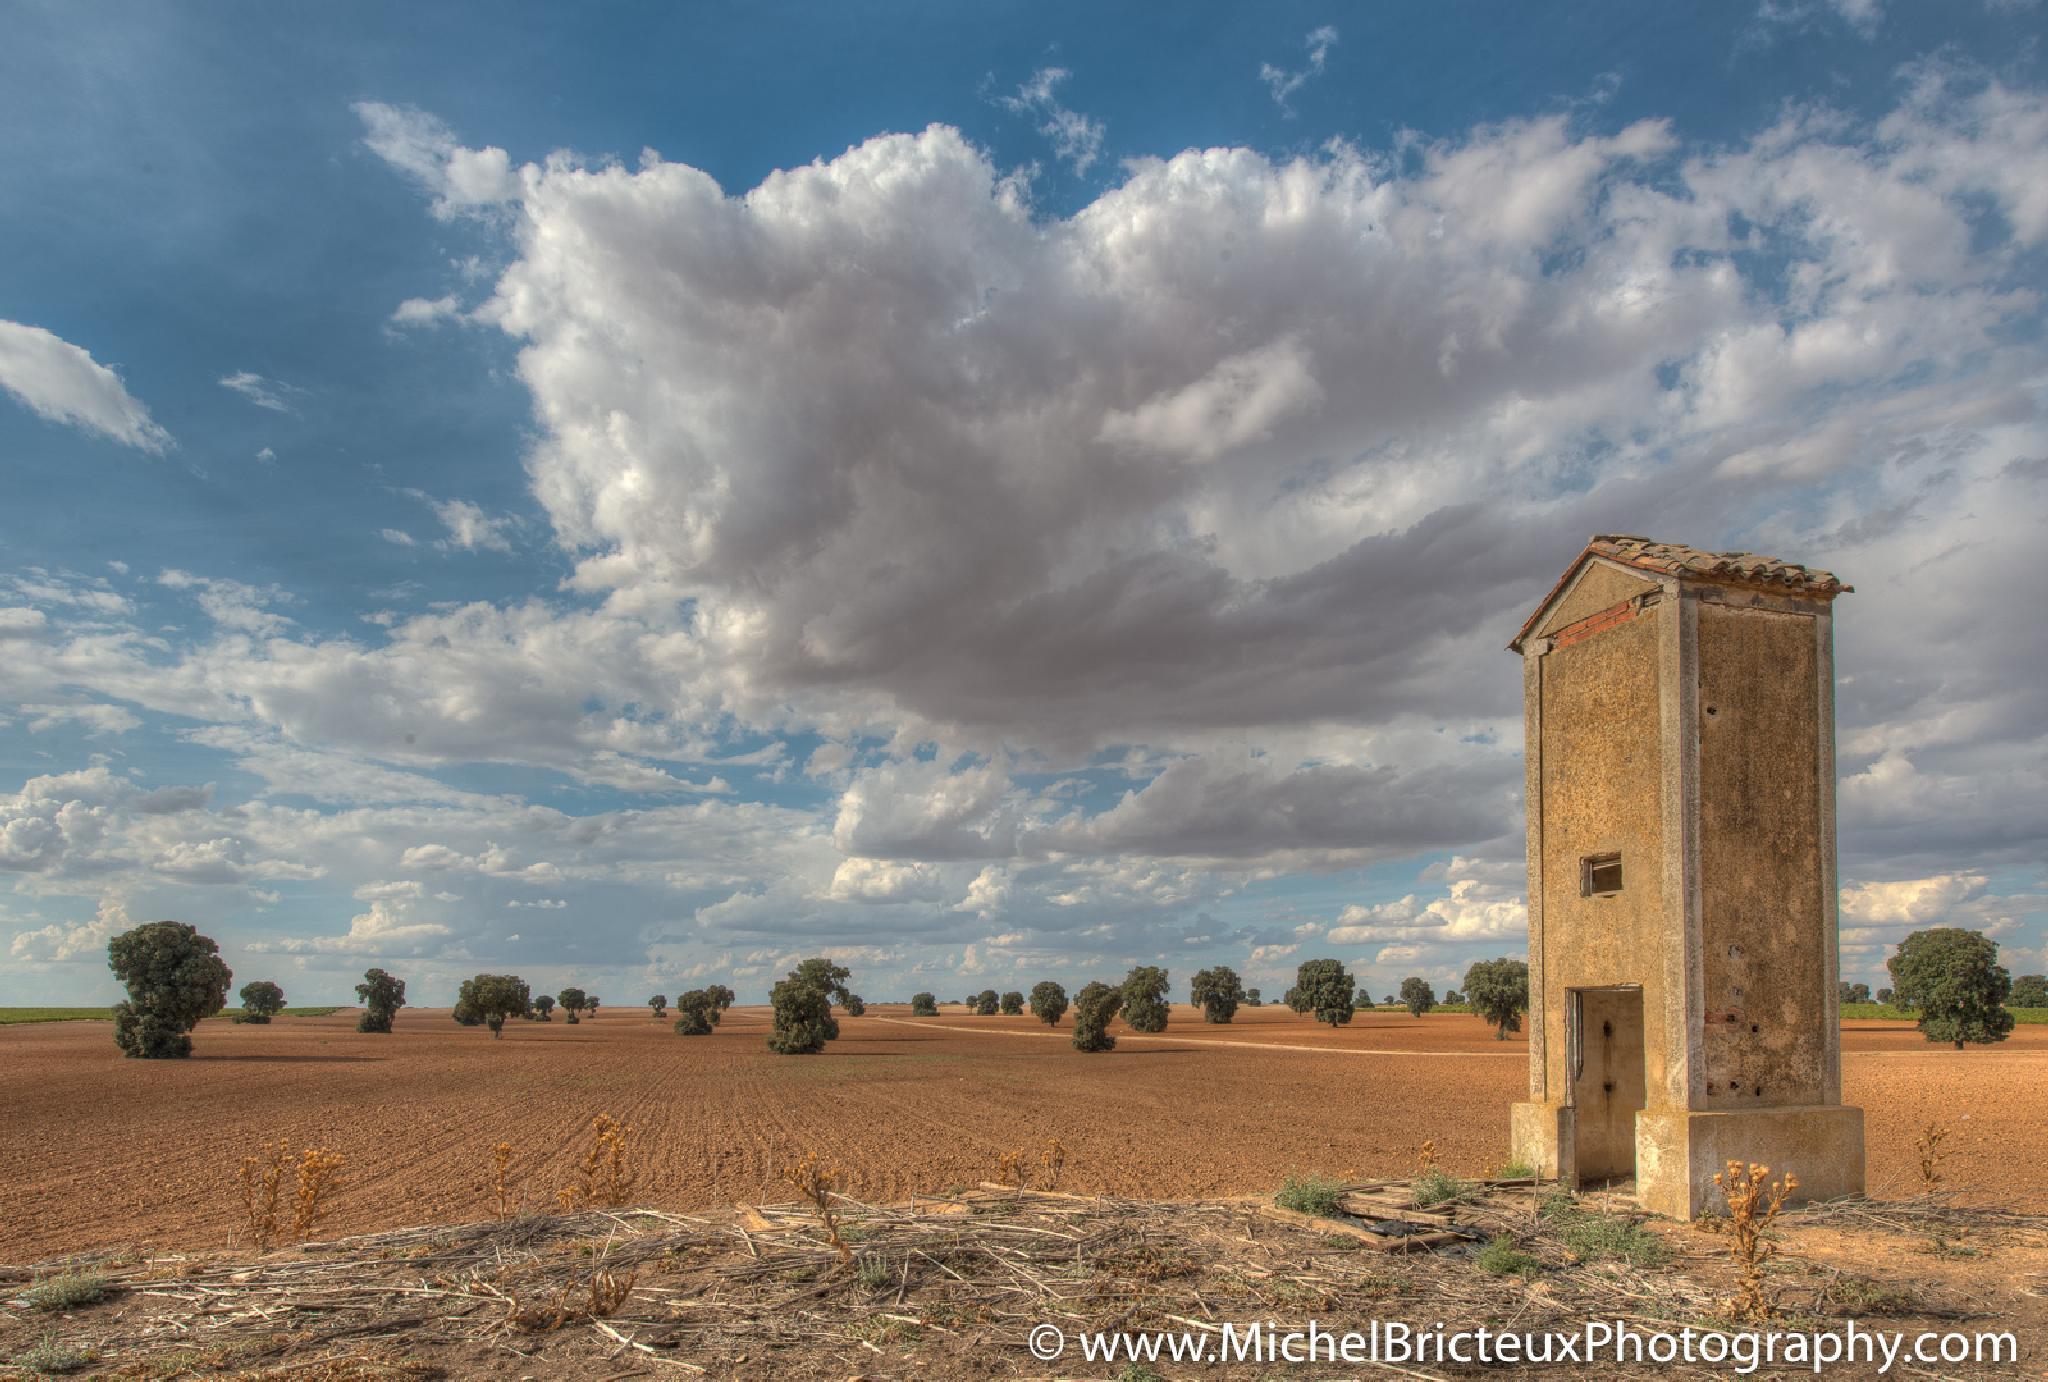 Castilla - La Mancha, España by Michel Bricteux